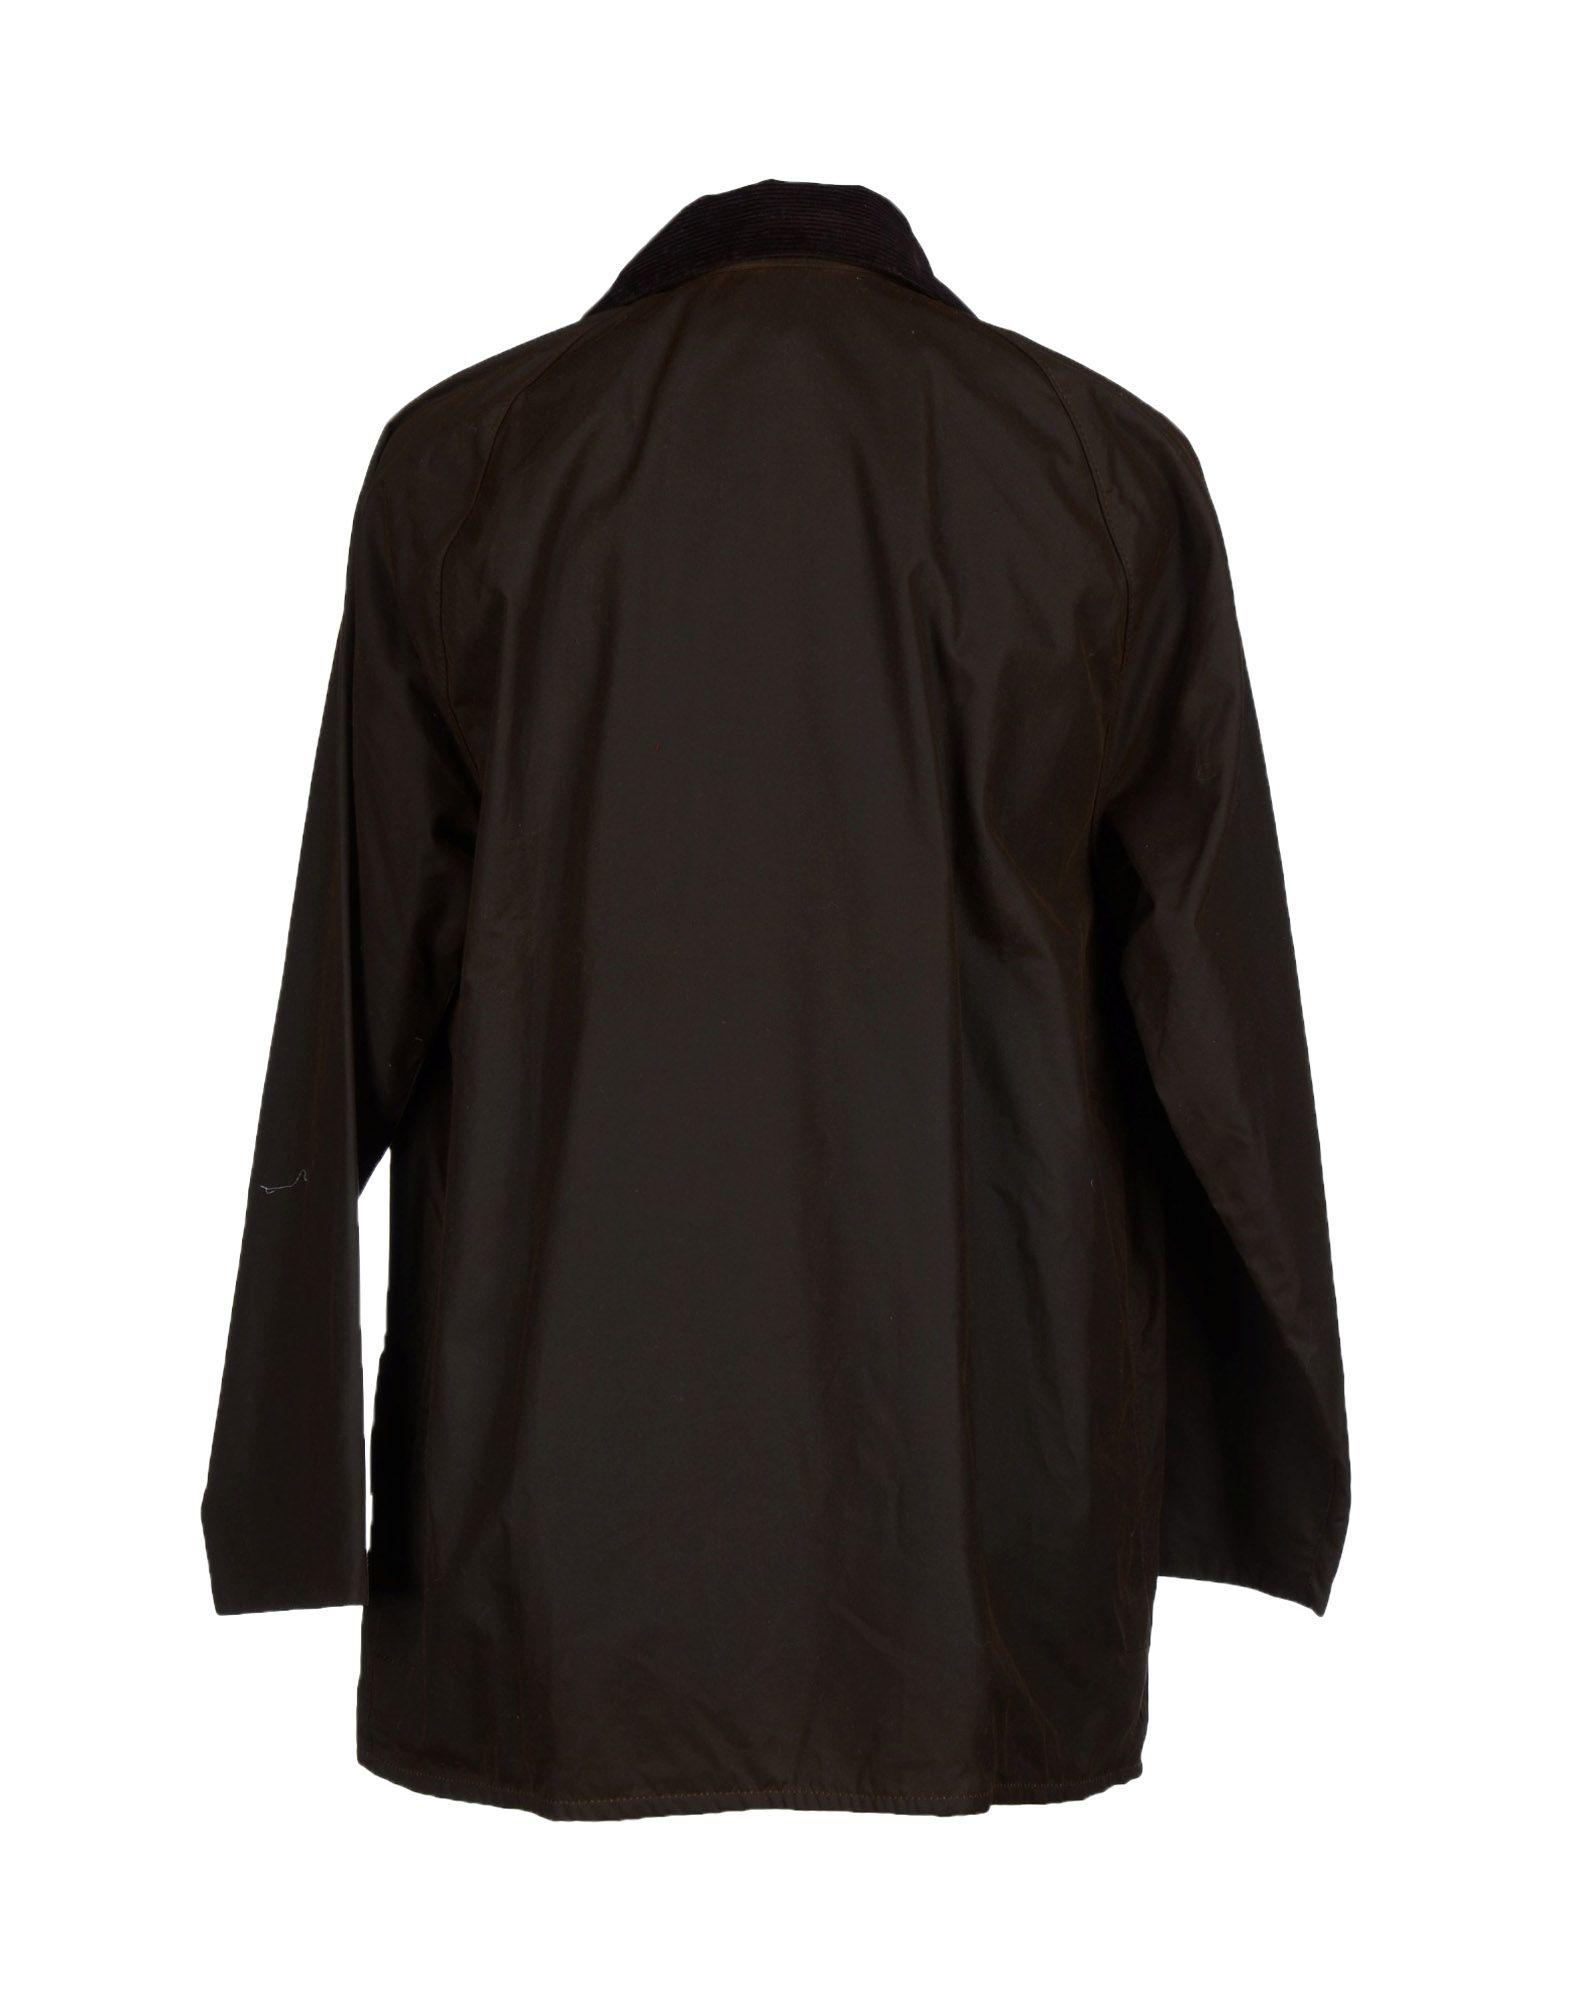 Barbour Full Length Jacket In Green For Men Lyst